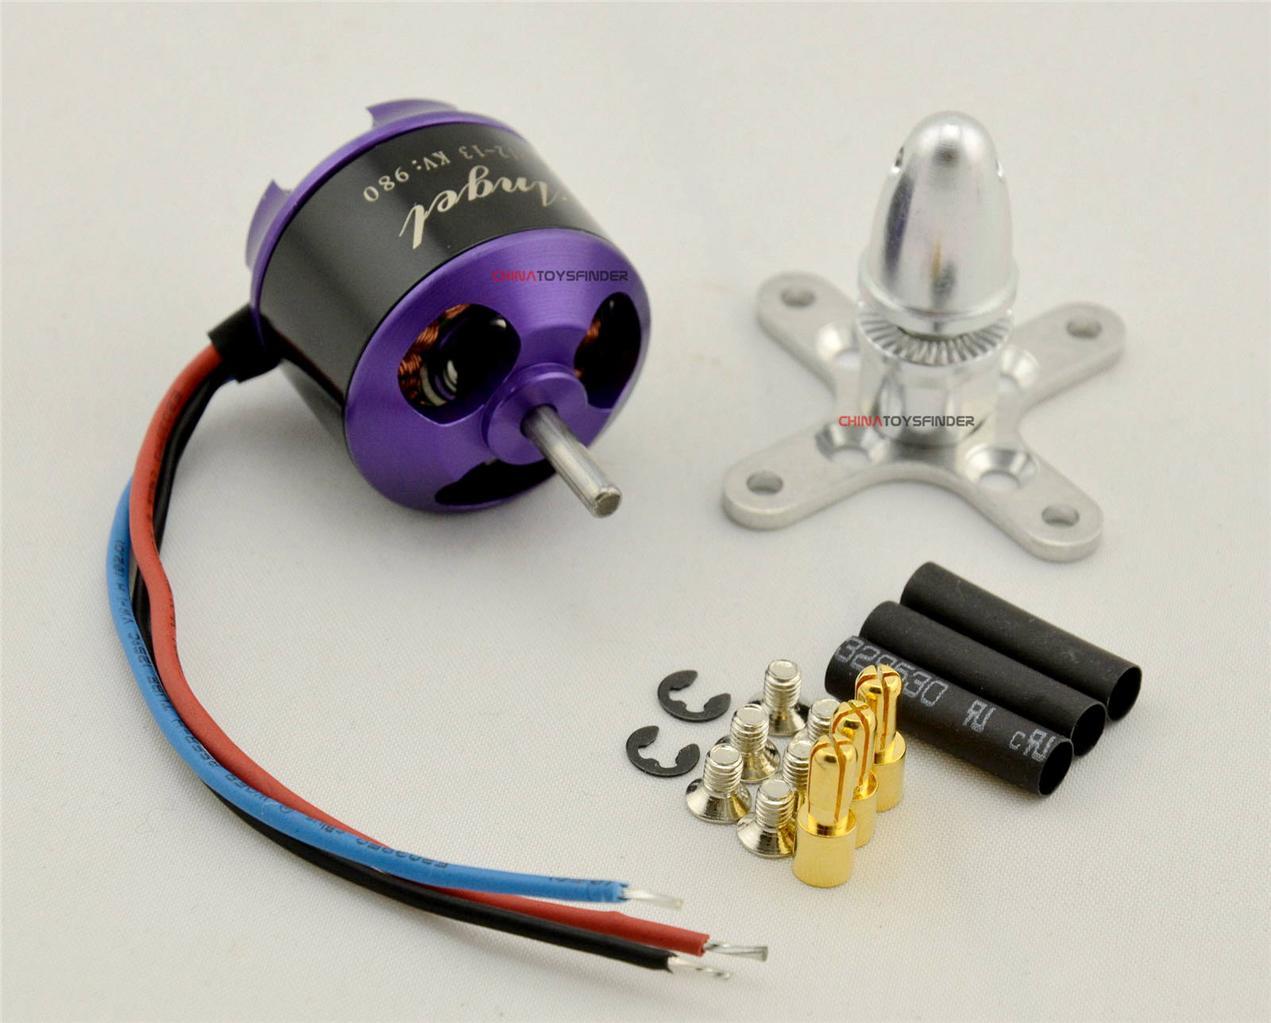 Sunnysky Angel A2212 2212 980kv Brushless Motor